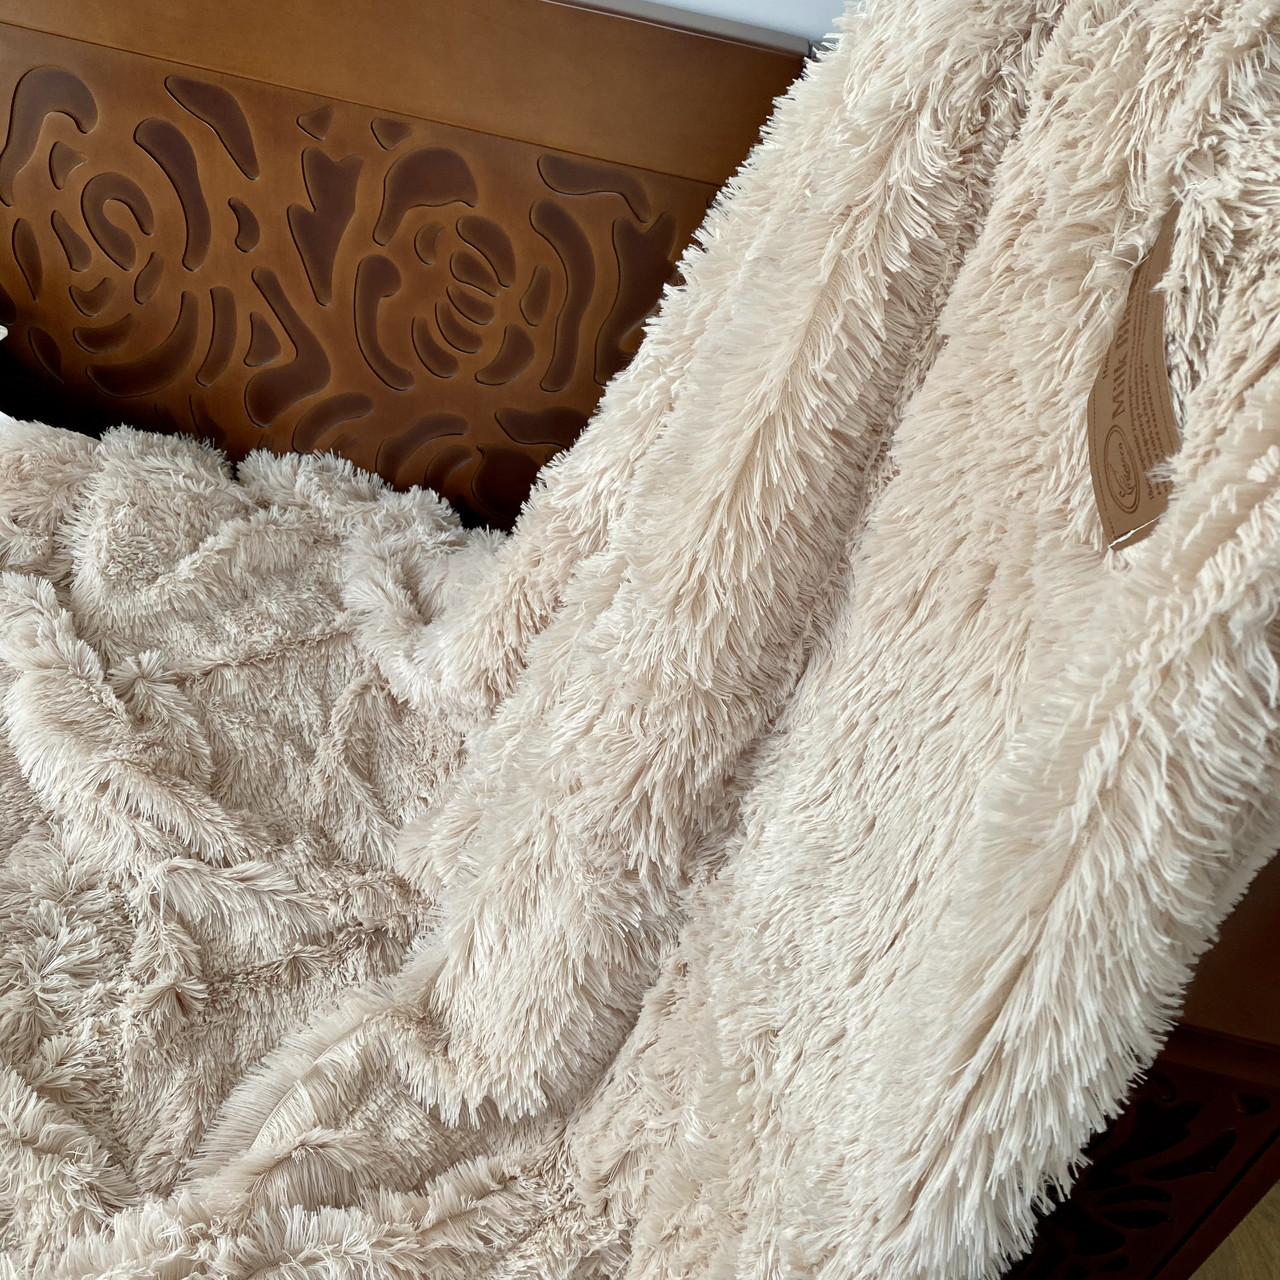 Покривало травичка | Пухнастий махровий плед. Koloco (колоко)- з довгим ворсом. 160х210 див. Колір Фуксія.